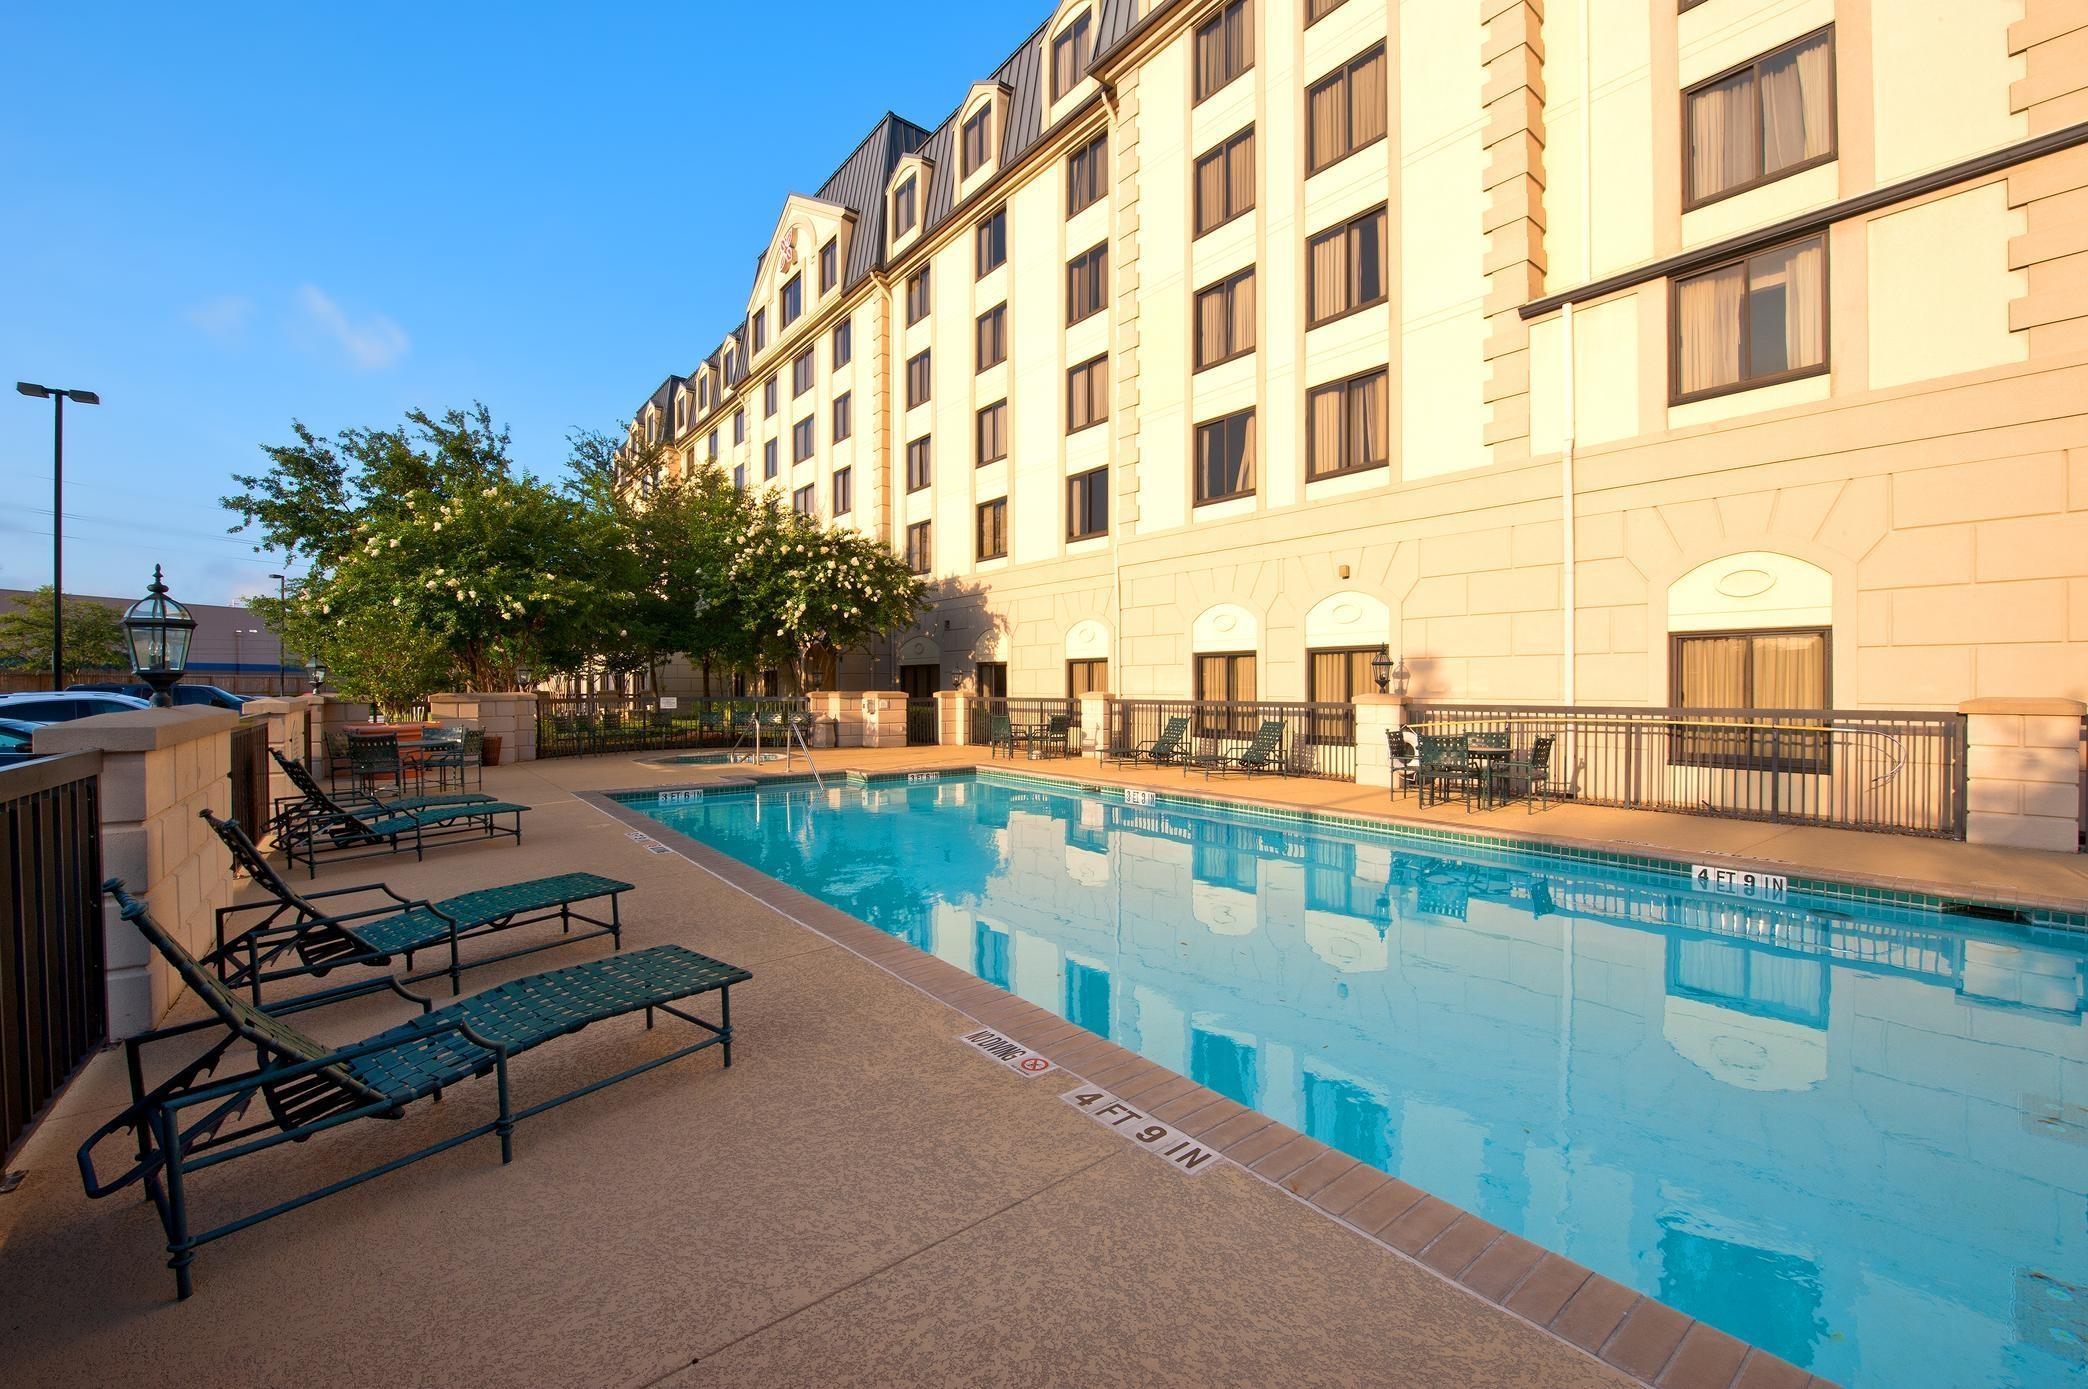 Hilton Garden Inn Houston NW/Willowbrook image 3